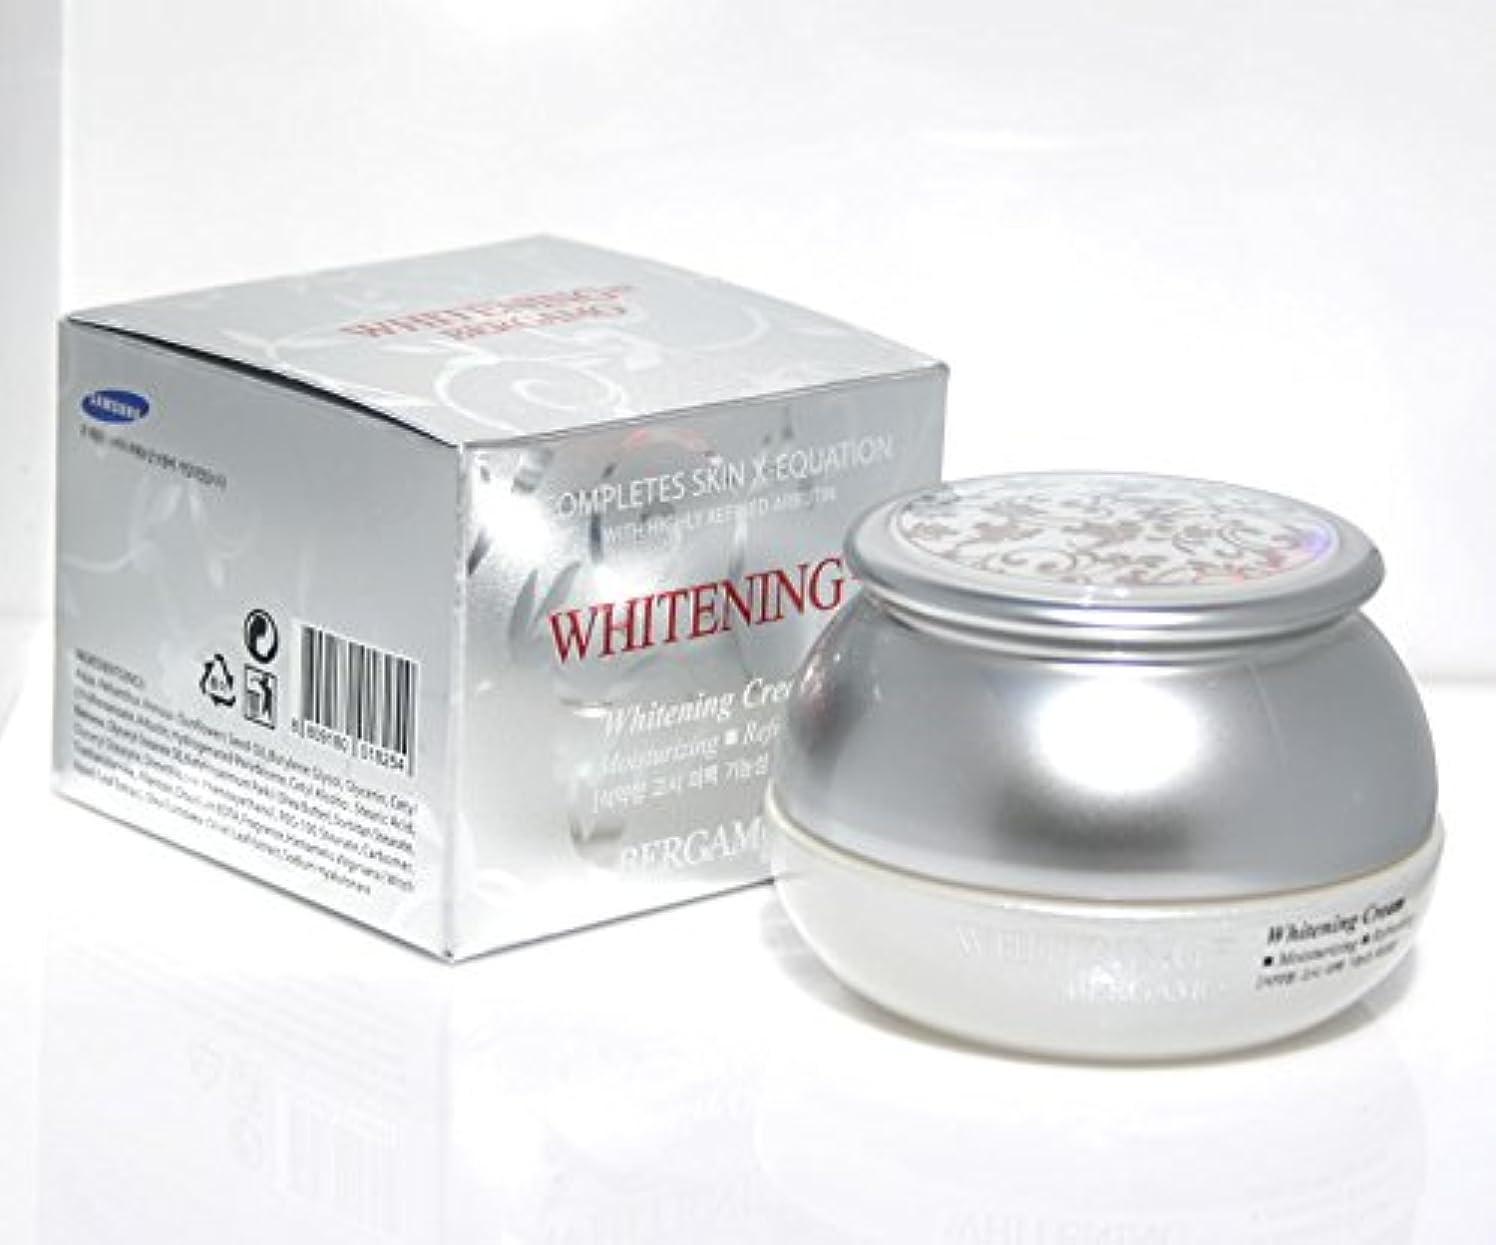 フレア大砲飛行機【ベルガモ][Bergamo]  は、高度に精製アルブチンホワイトニング例クリーム50g /  Completes Skin X-equation with Highly Refined Albutin Whitening...